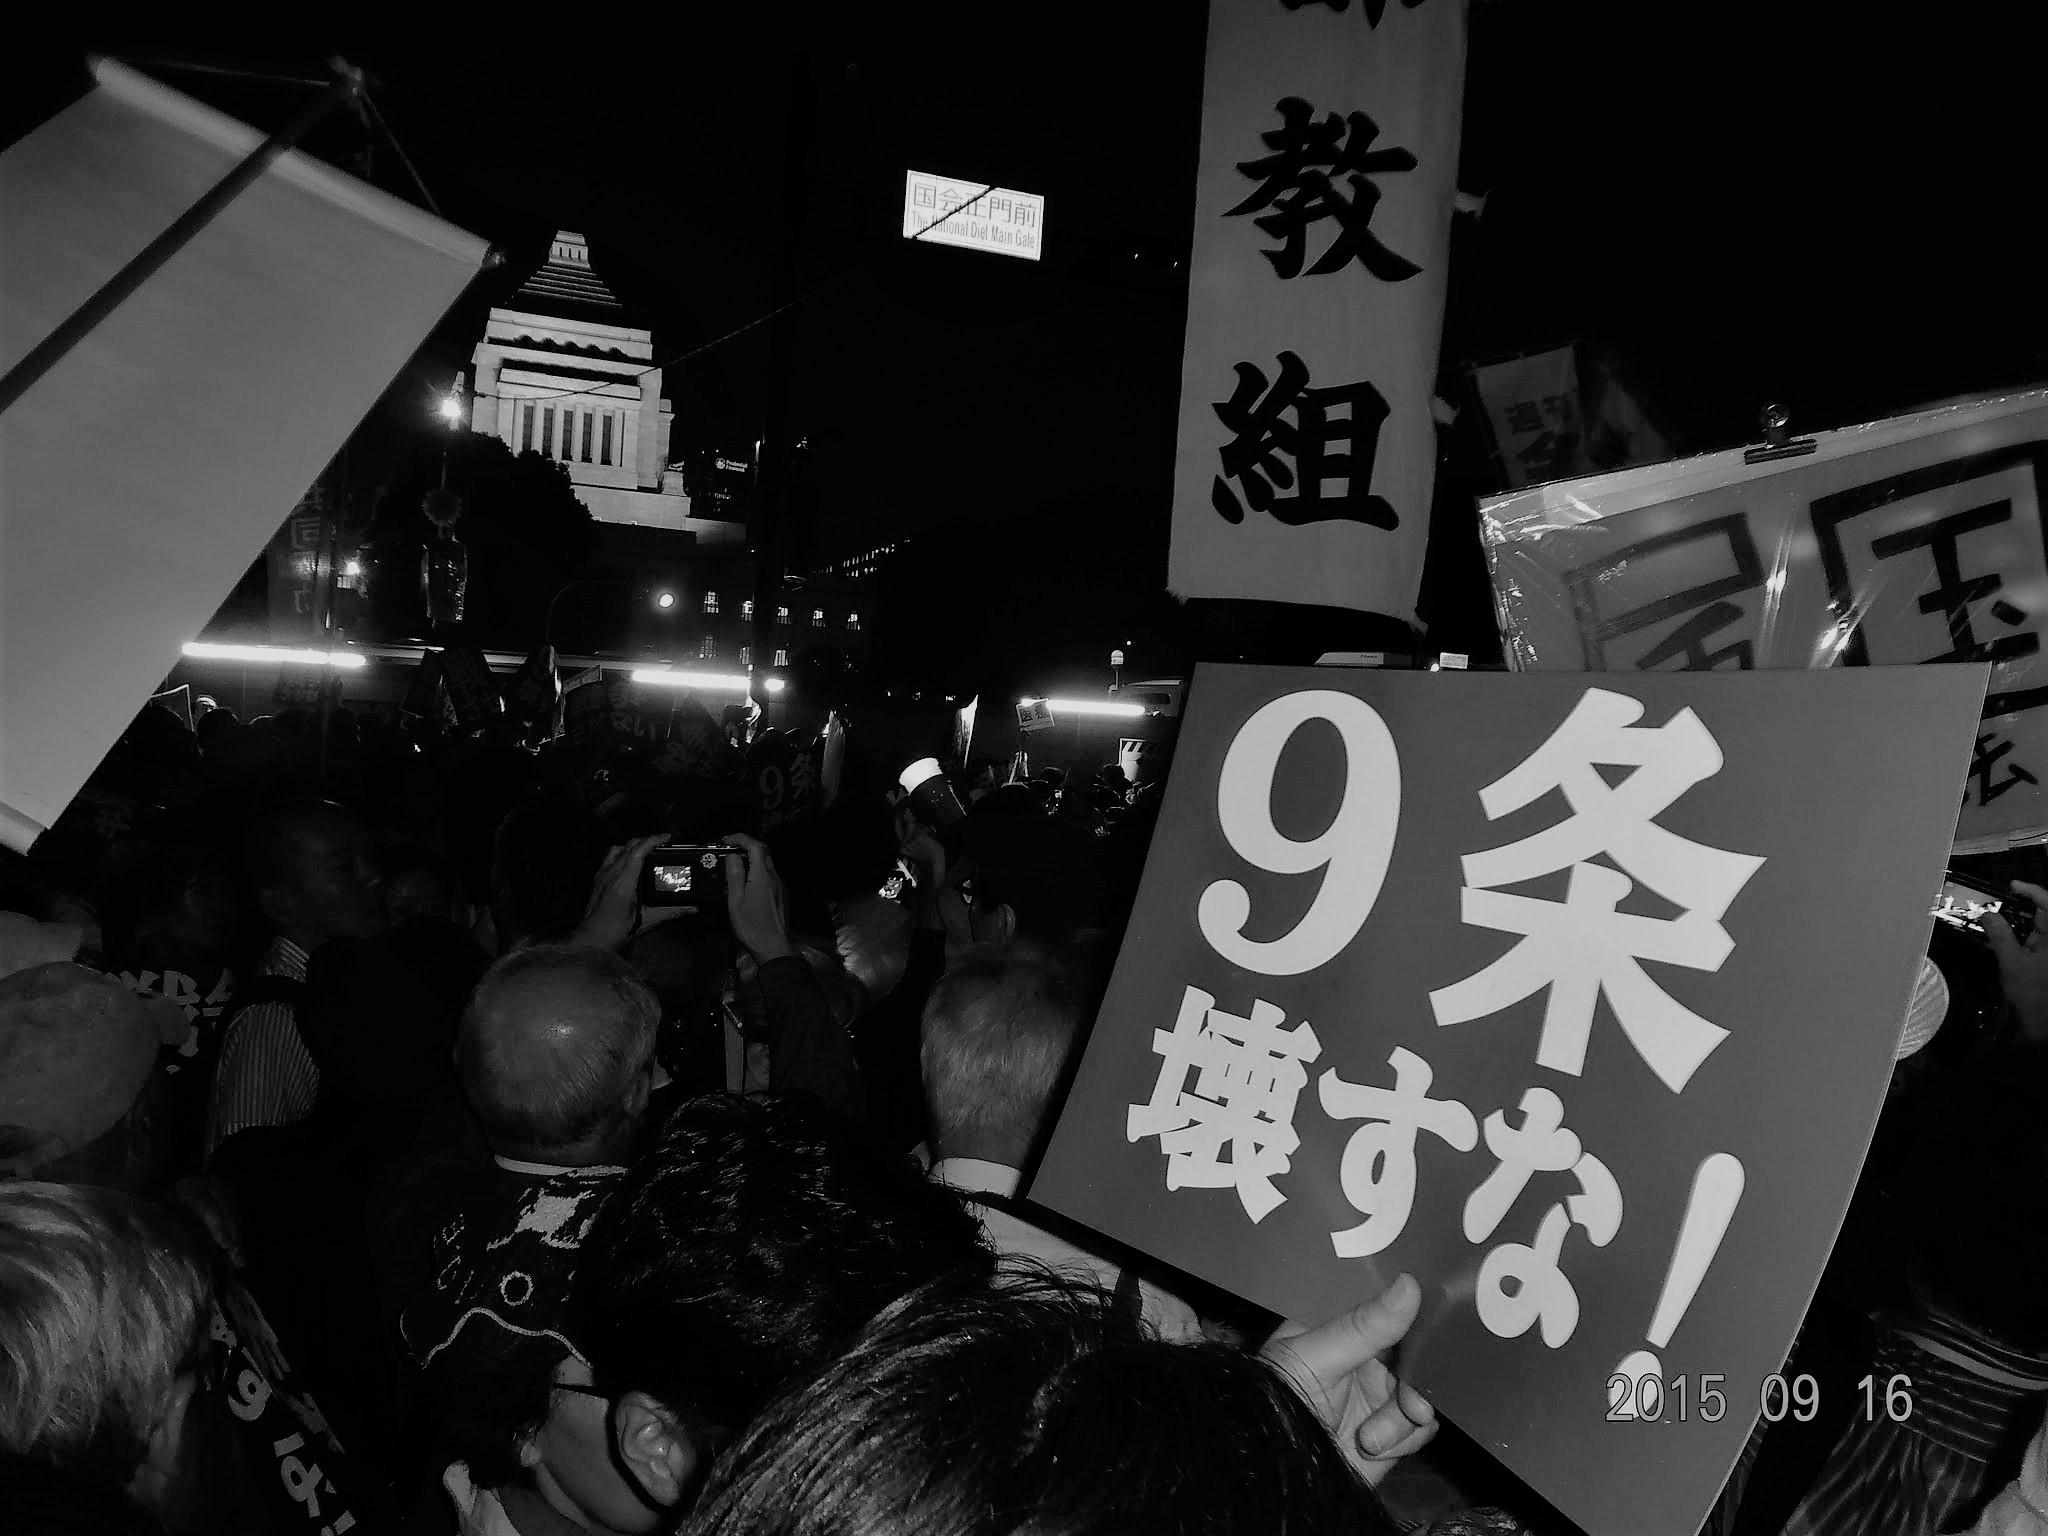 2015年09月16日 国会正門前